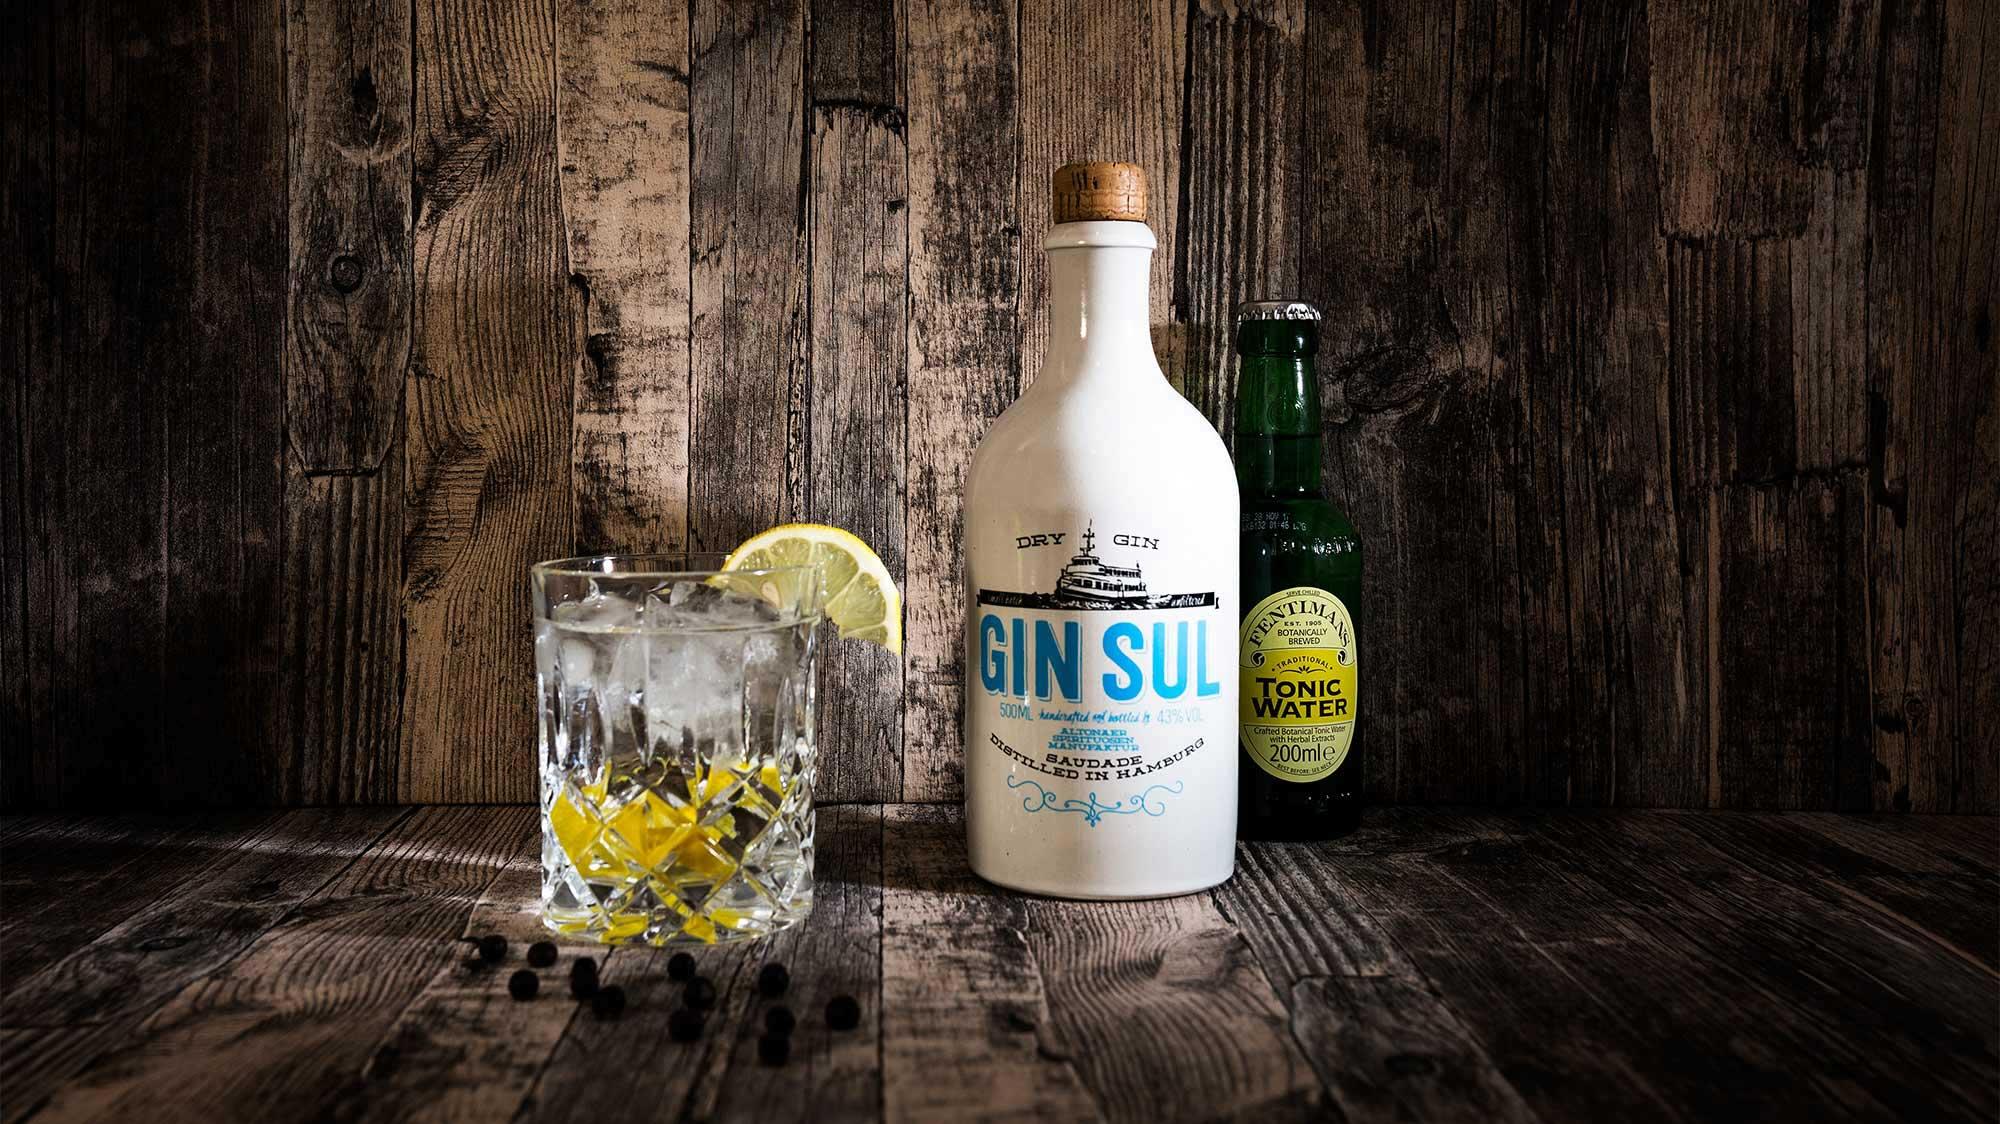 gin_sul_flasche_glas